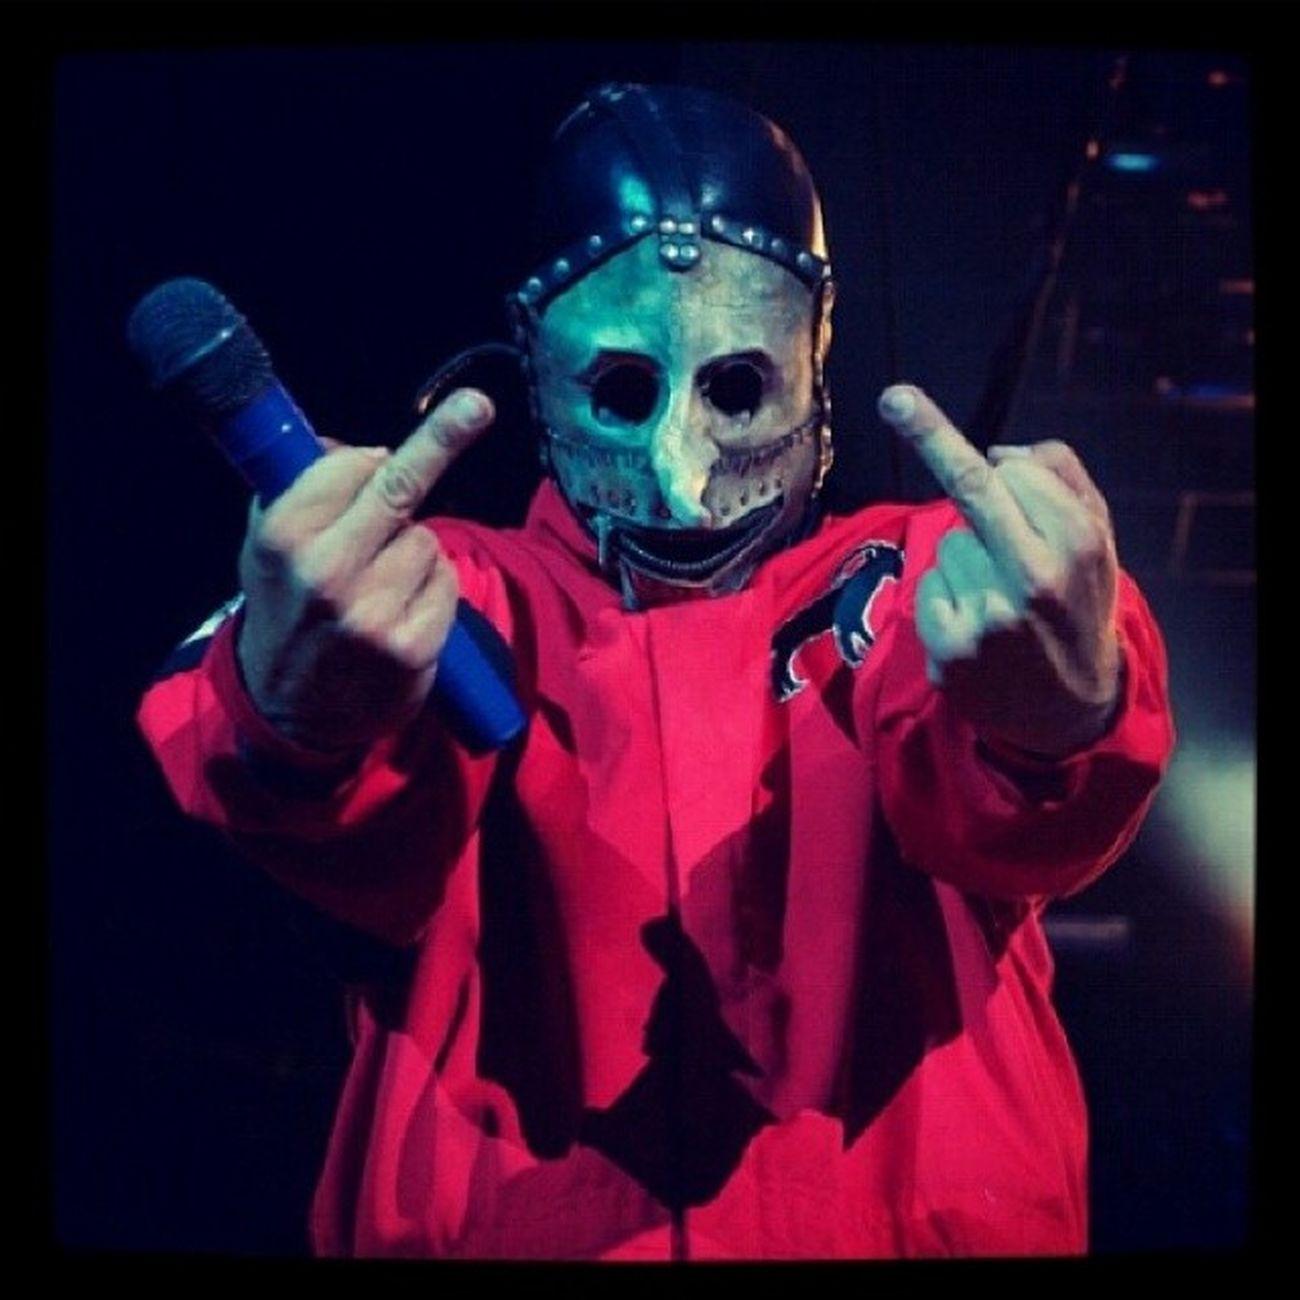 Souoqsou Slipknot Metal Fodaseacopa monsterofrock 2013 quebratudo hulkesmaga Somos o que podemos ser, somos o que podemos ter.